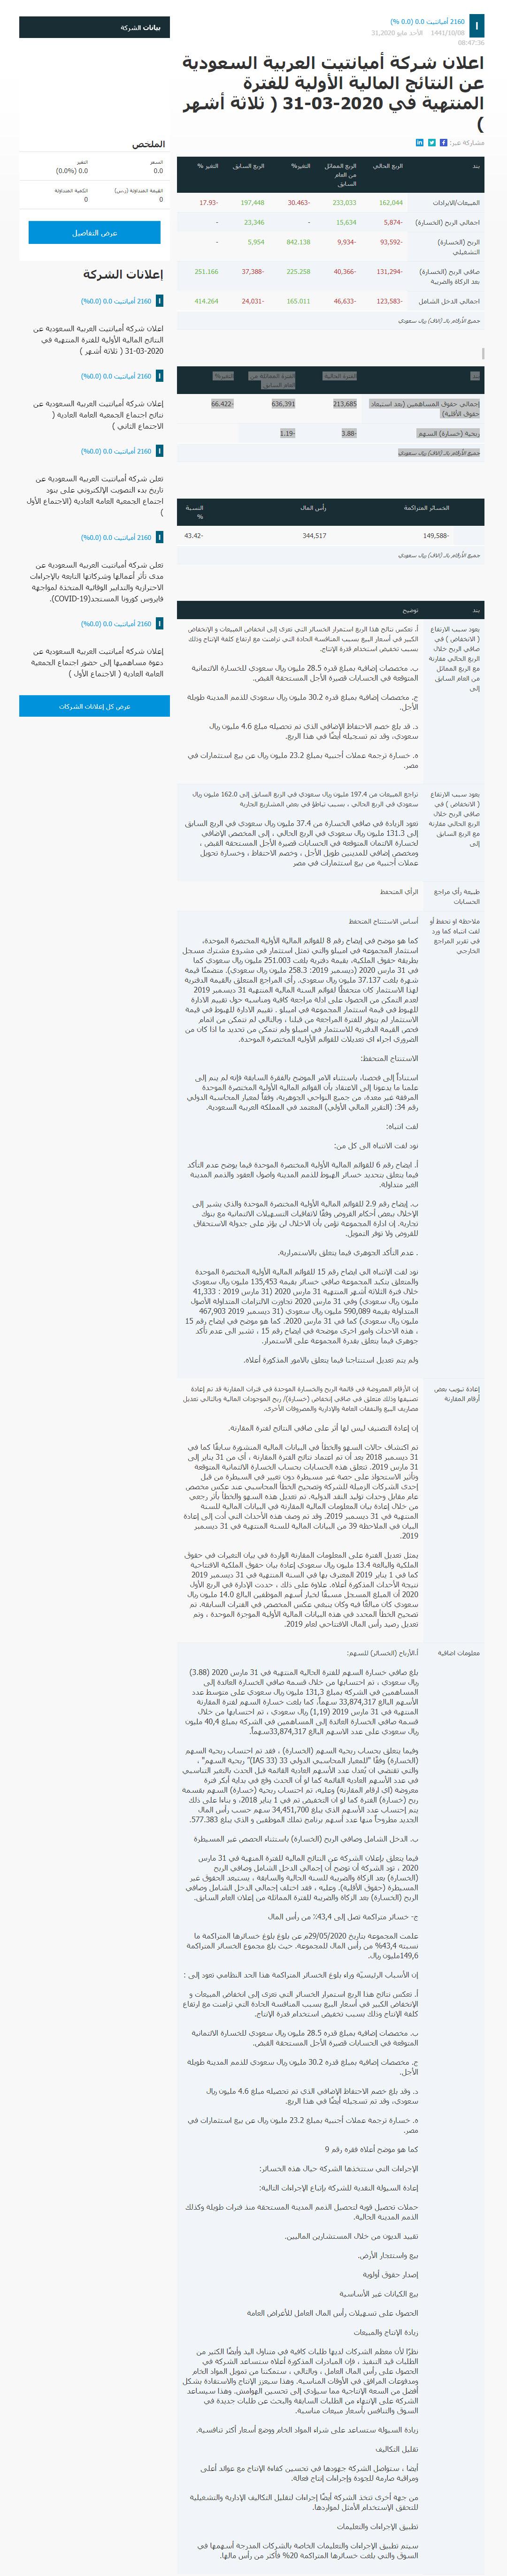 Amiantit Website Announcement arabic